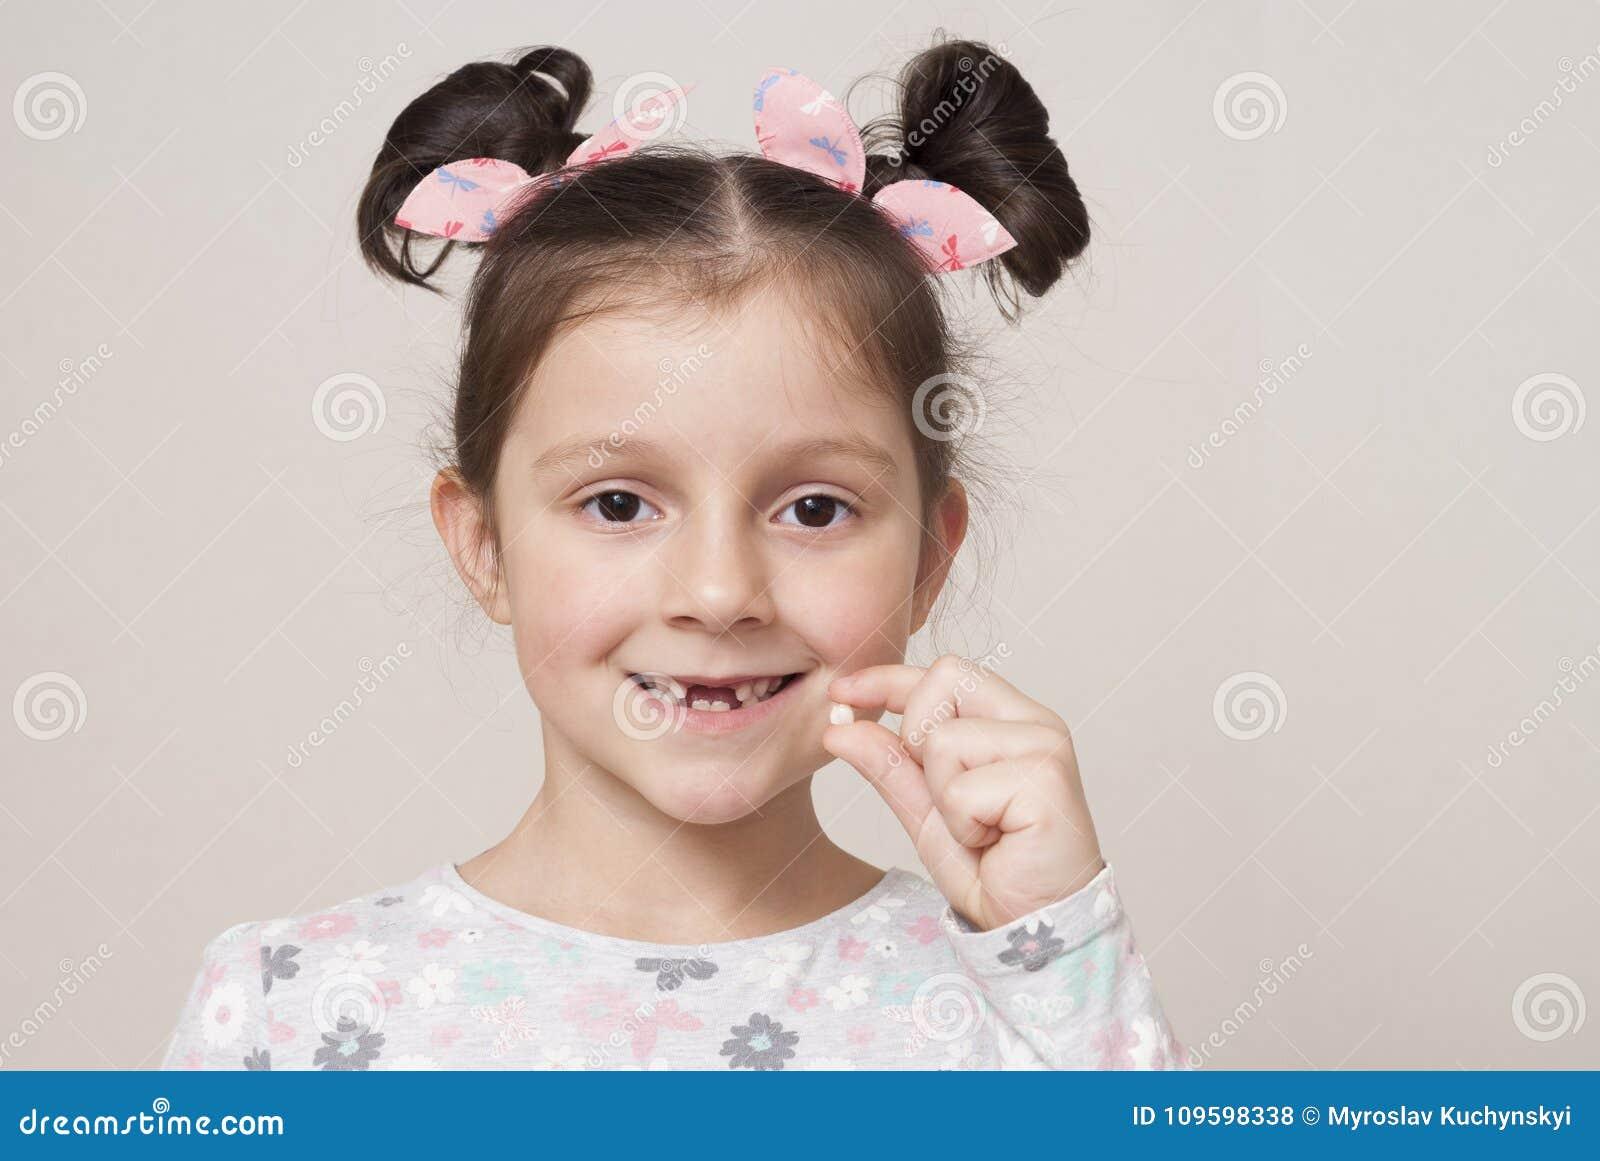 Bambina e un dente di latte